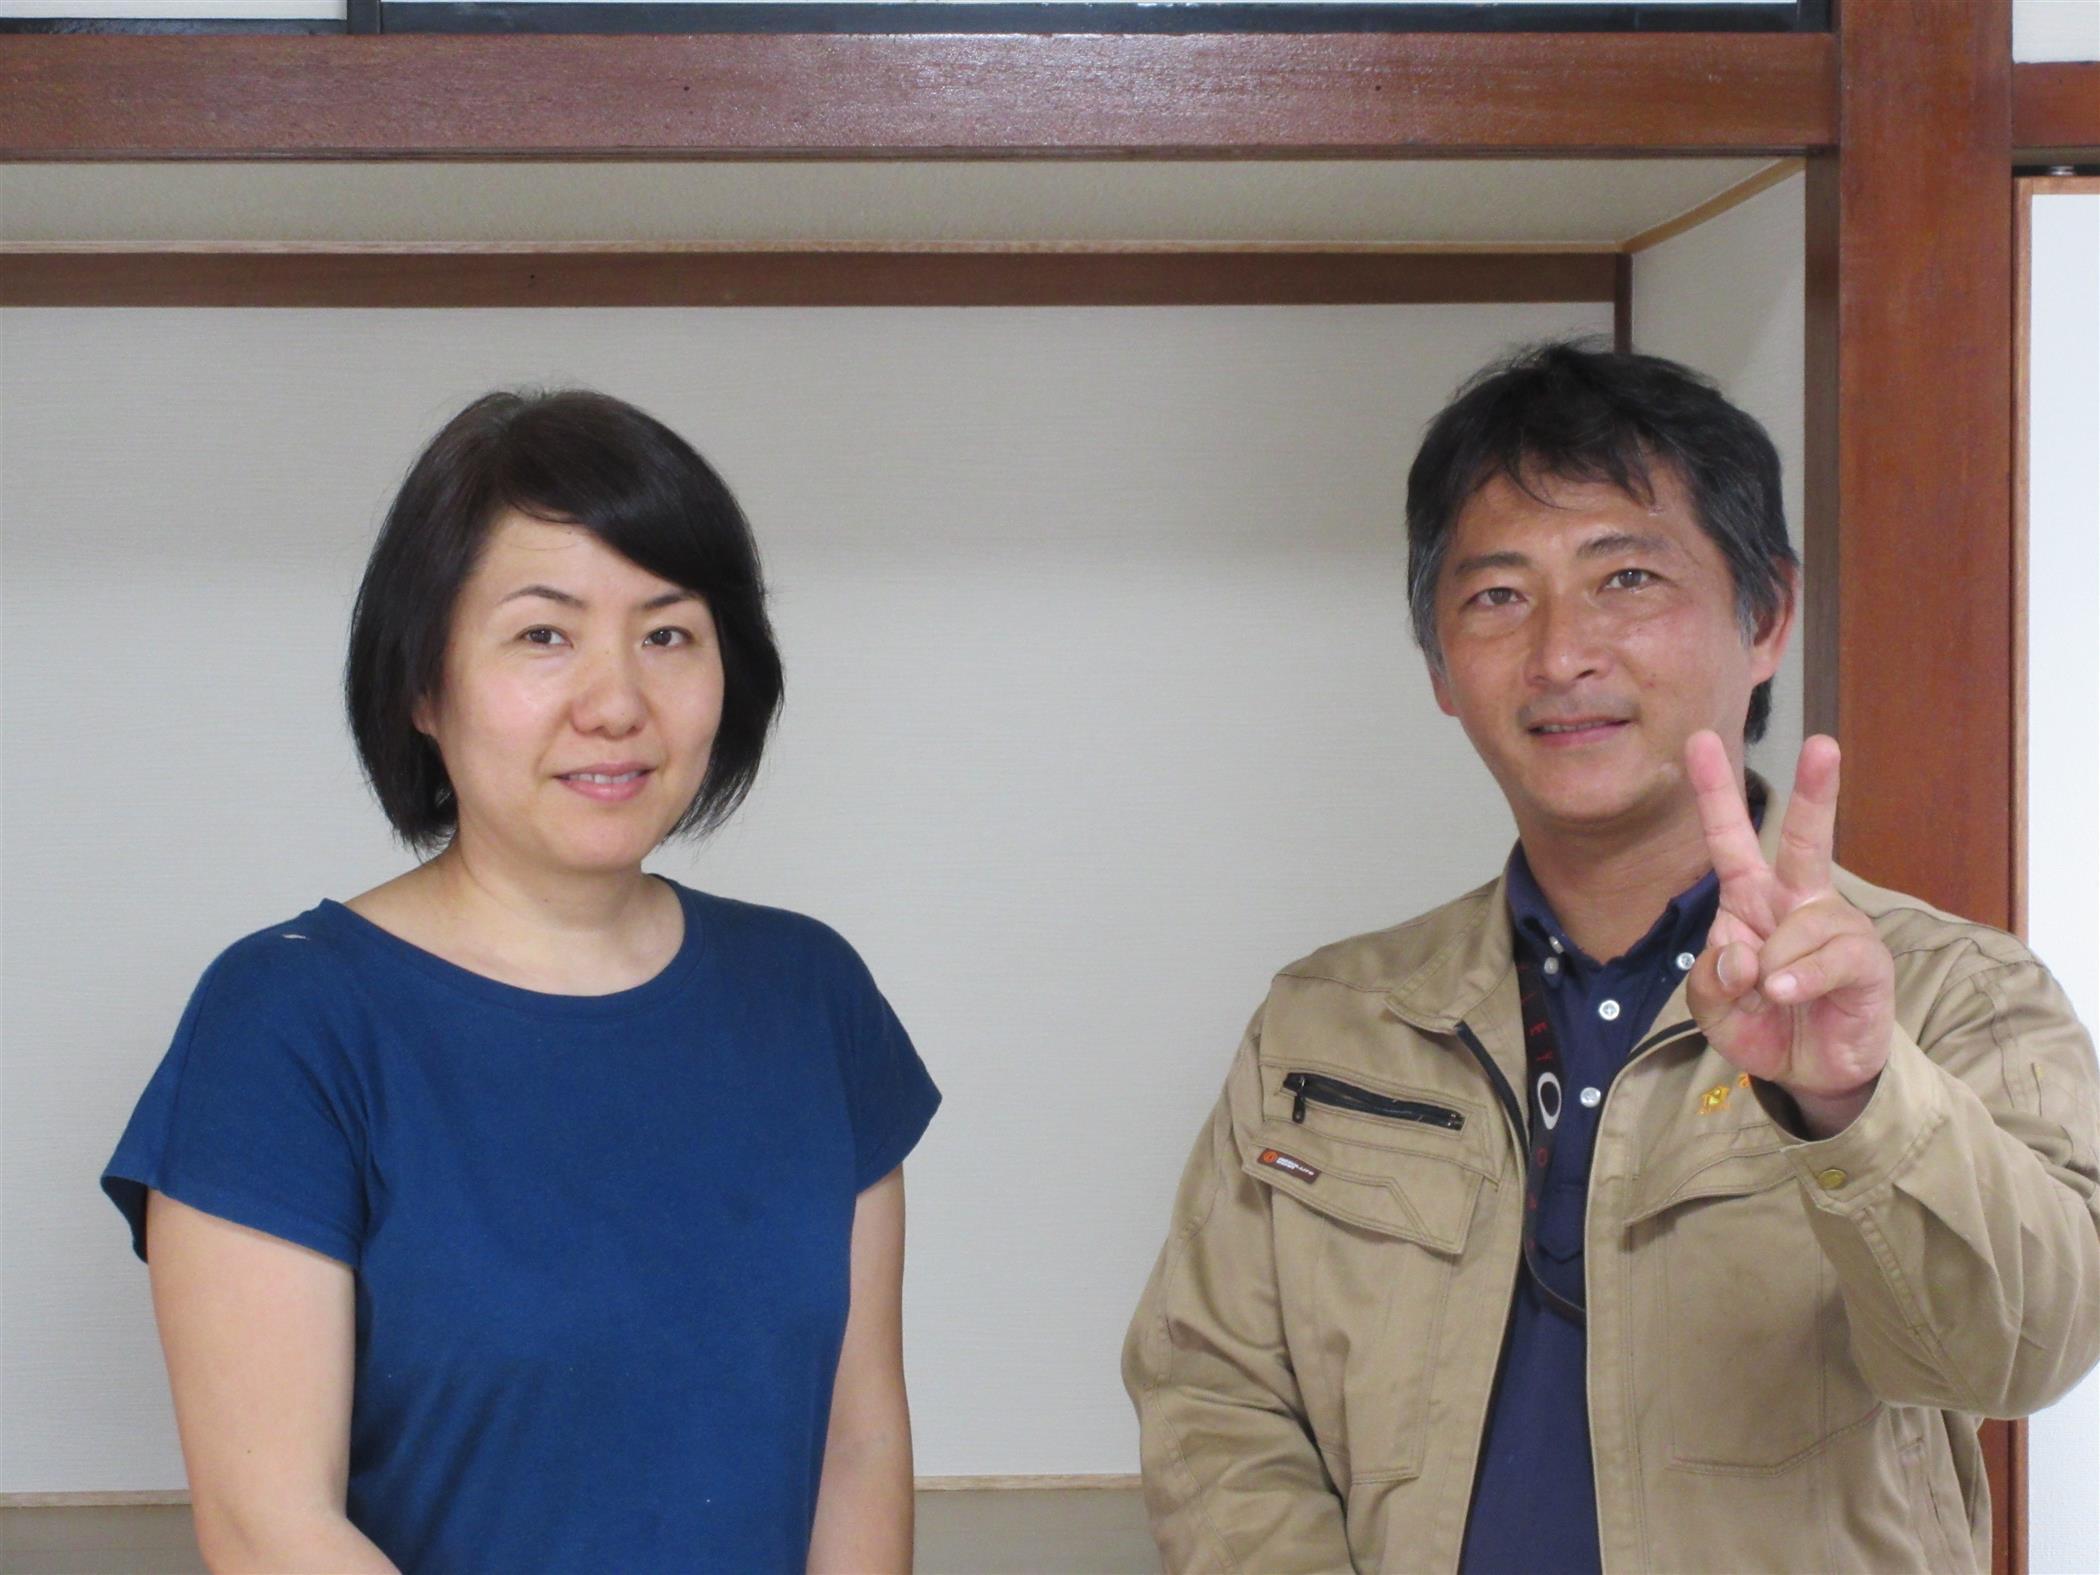 沖縄・那覇のリフォーム 実際のお客様の写真:感動しました。